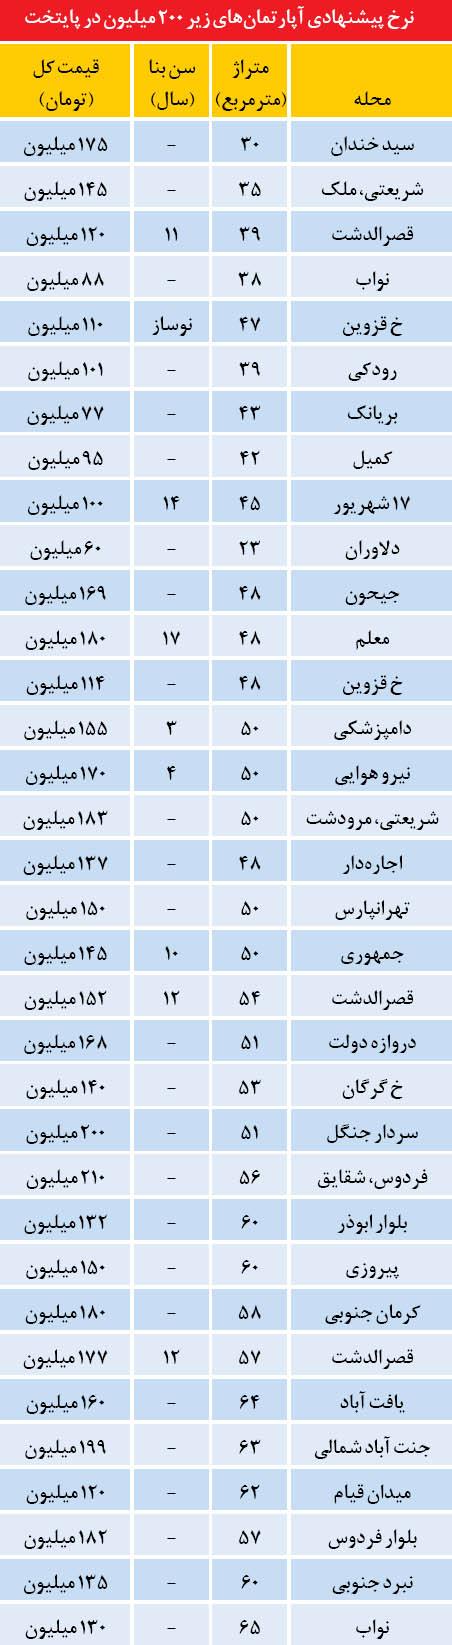 آپارتمانهای زیر 200 میلیون در تهران (+جدول)